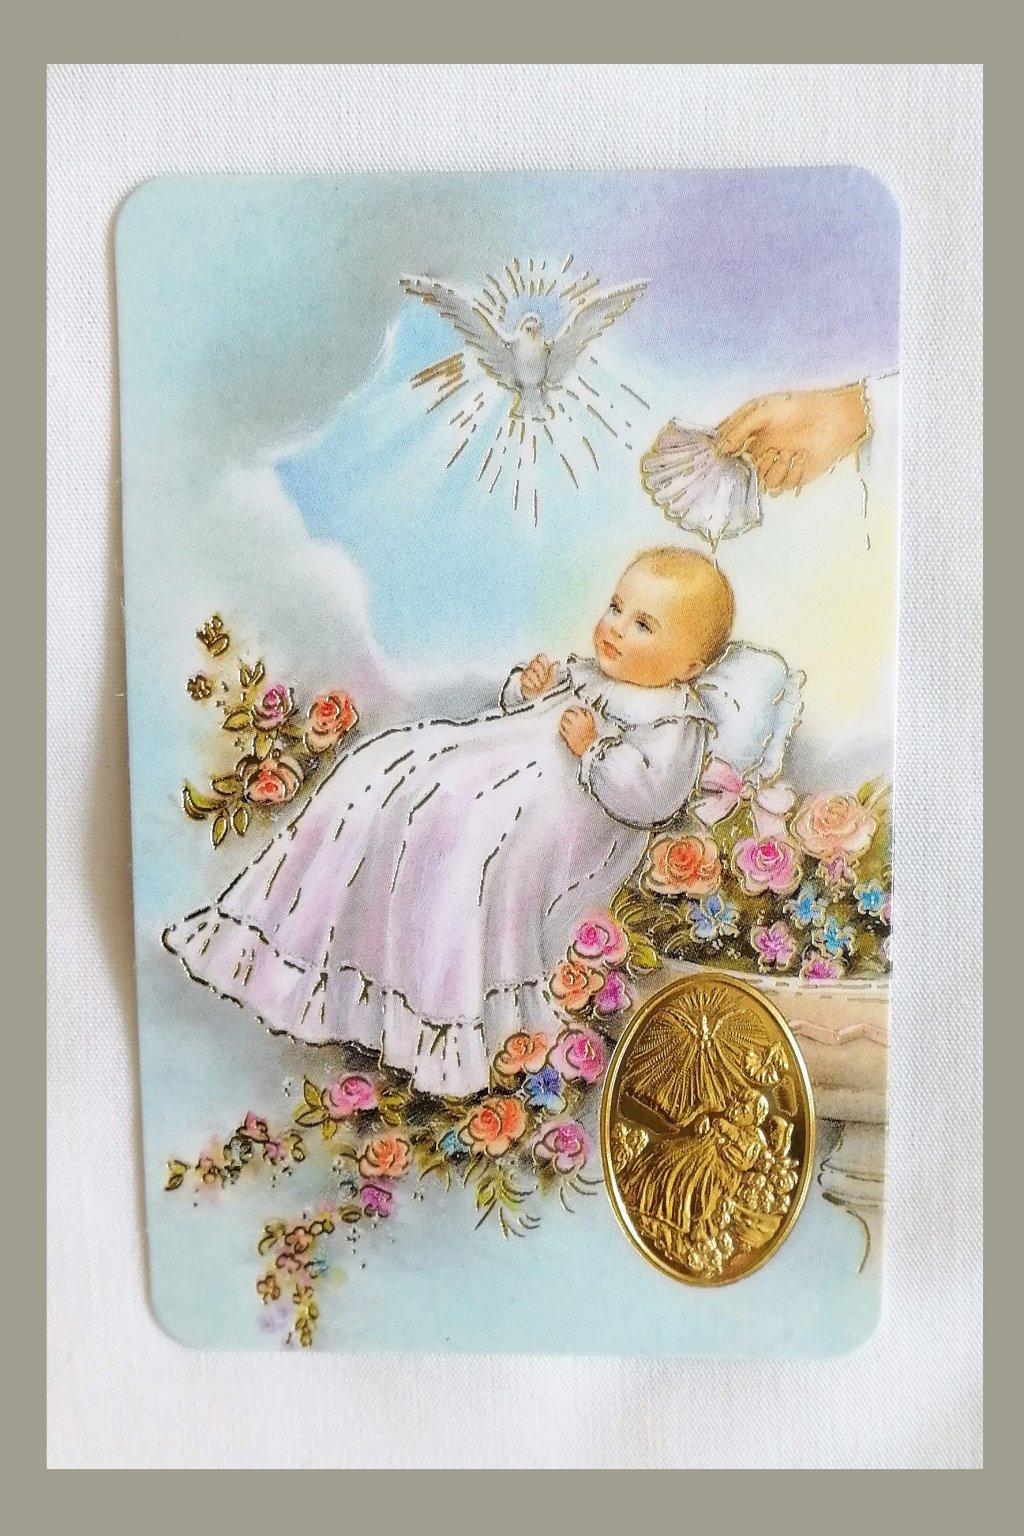 Kartička s přáním ke křtu